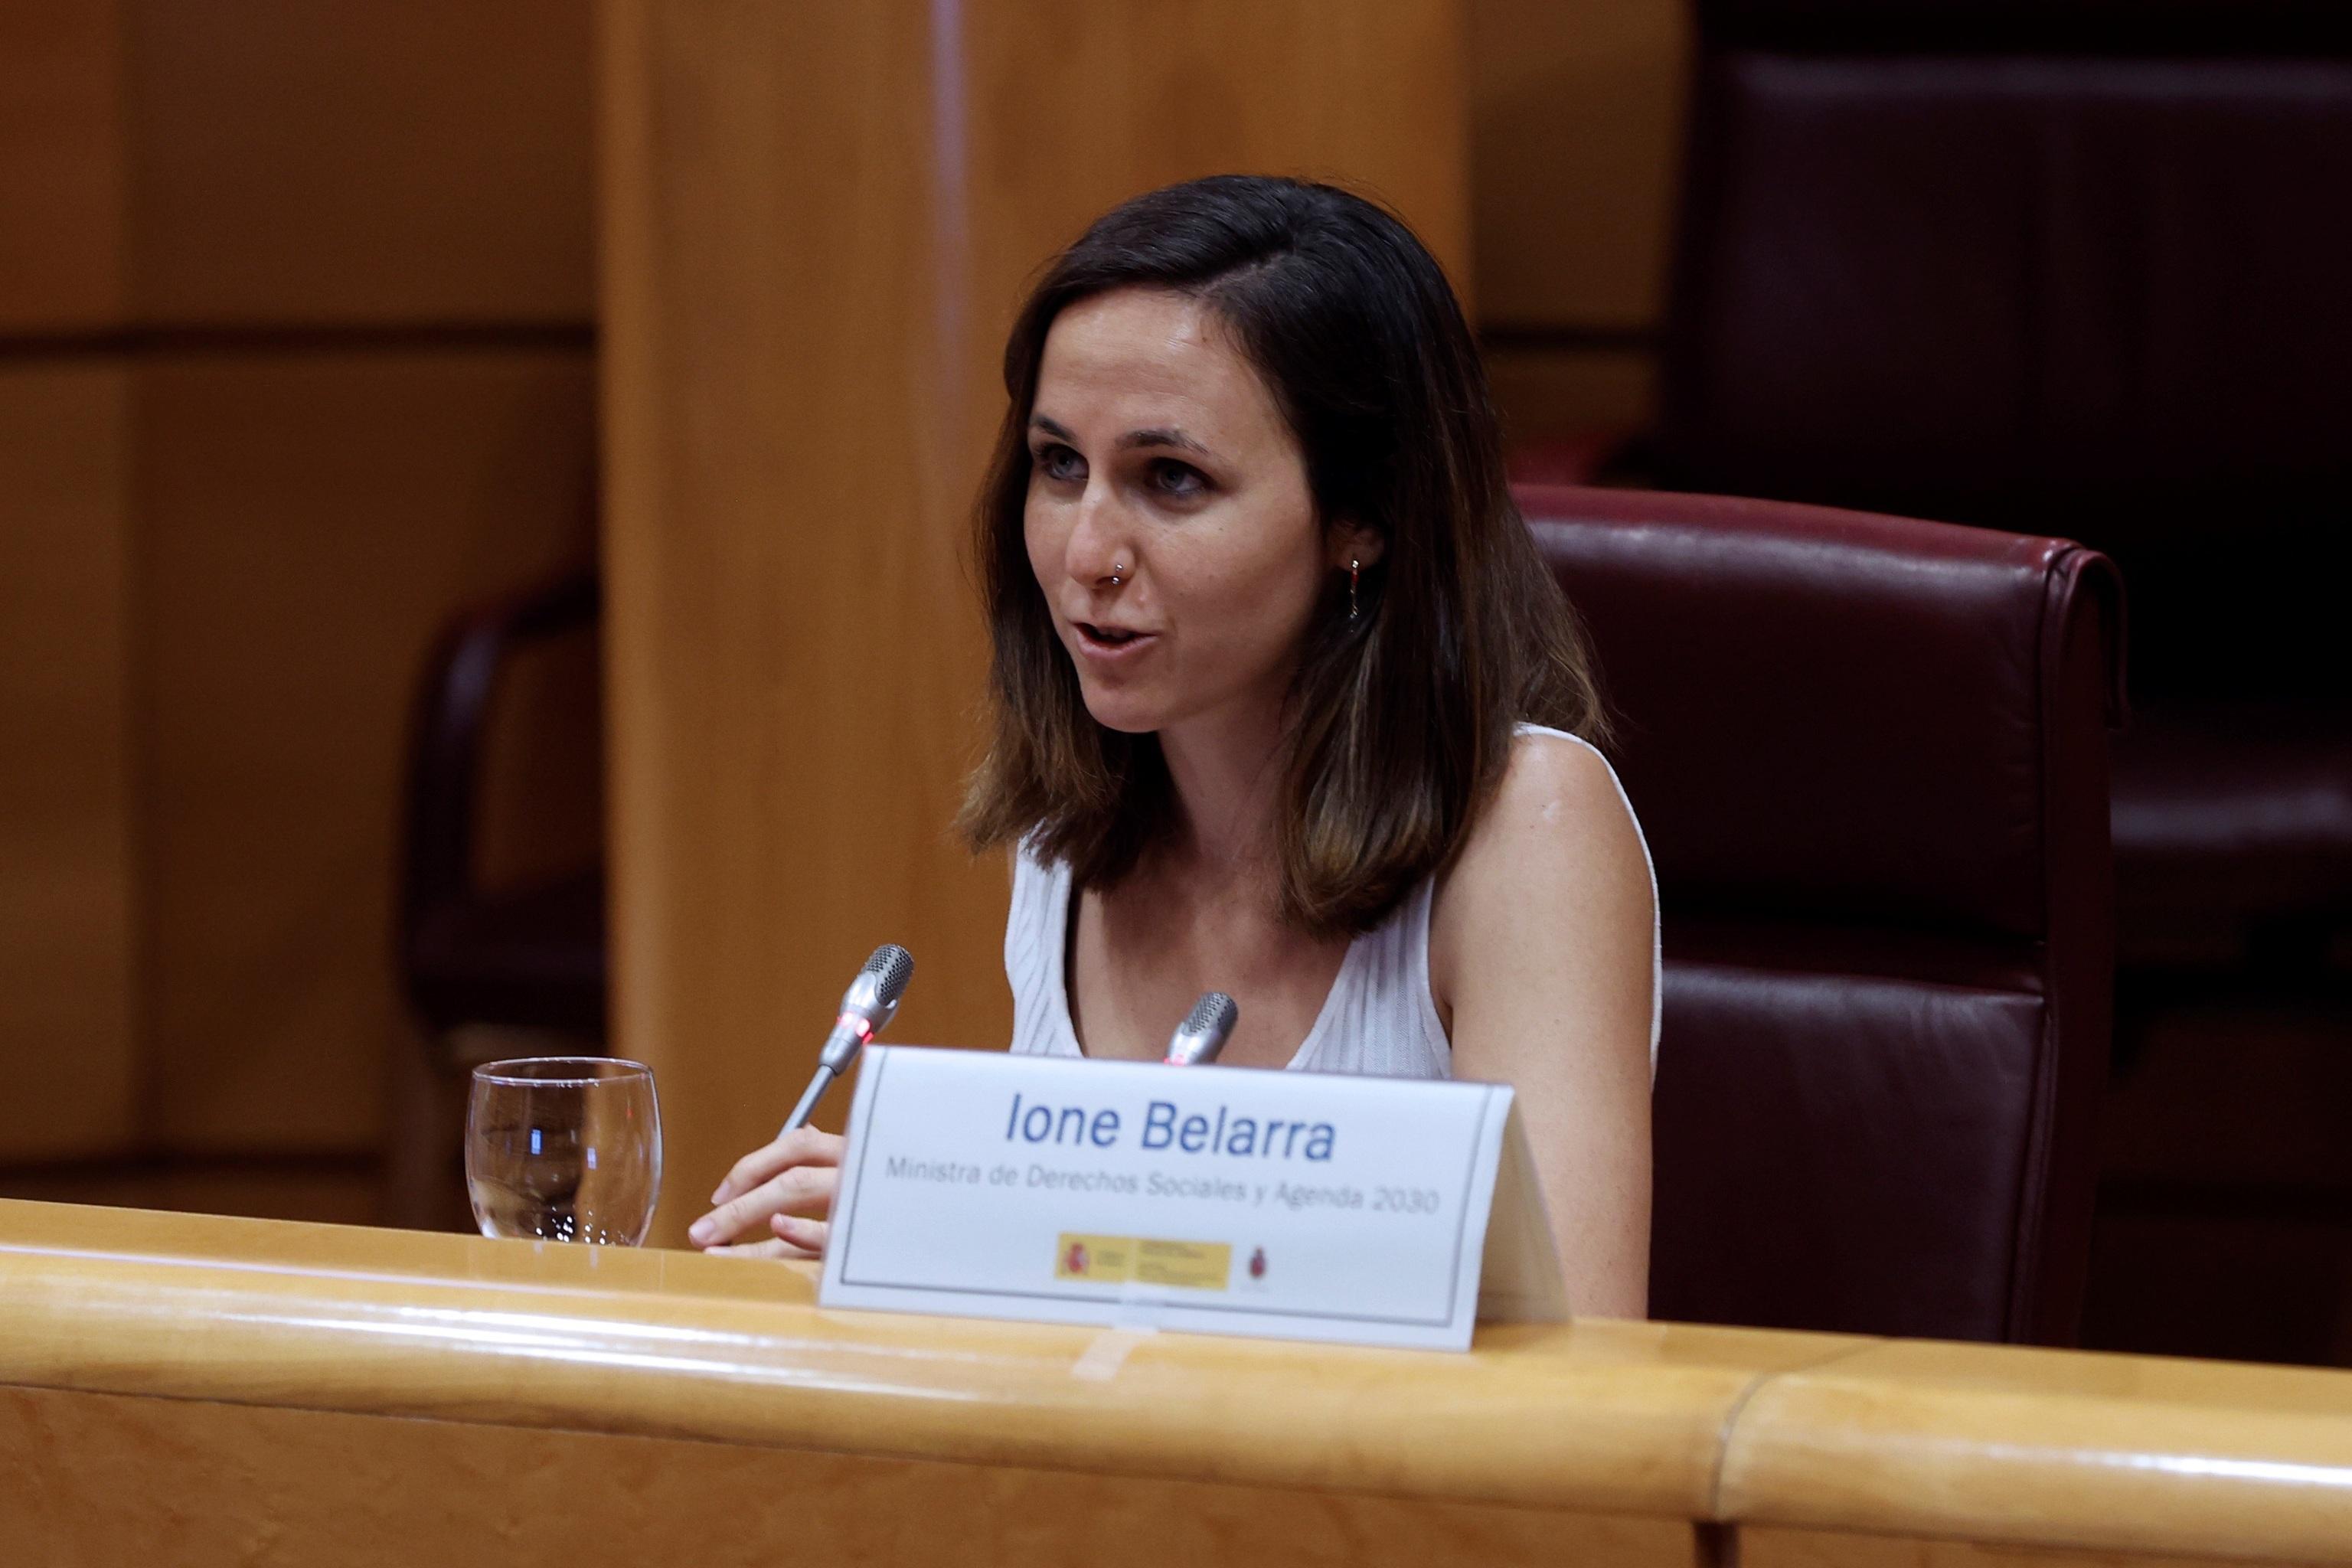 Le ministre des Droits sociaux et de l'Agenda 2030, Ione Belarra, ce mi